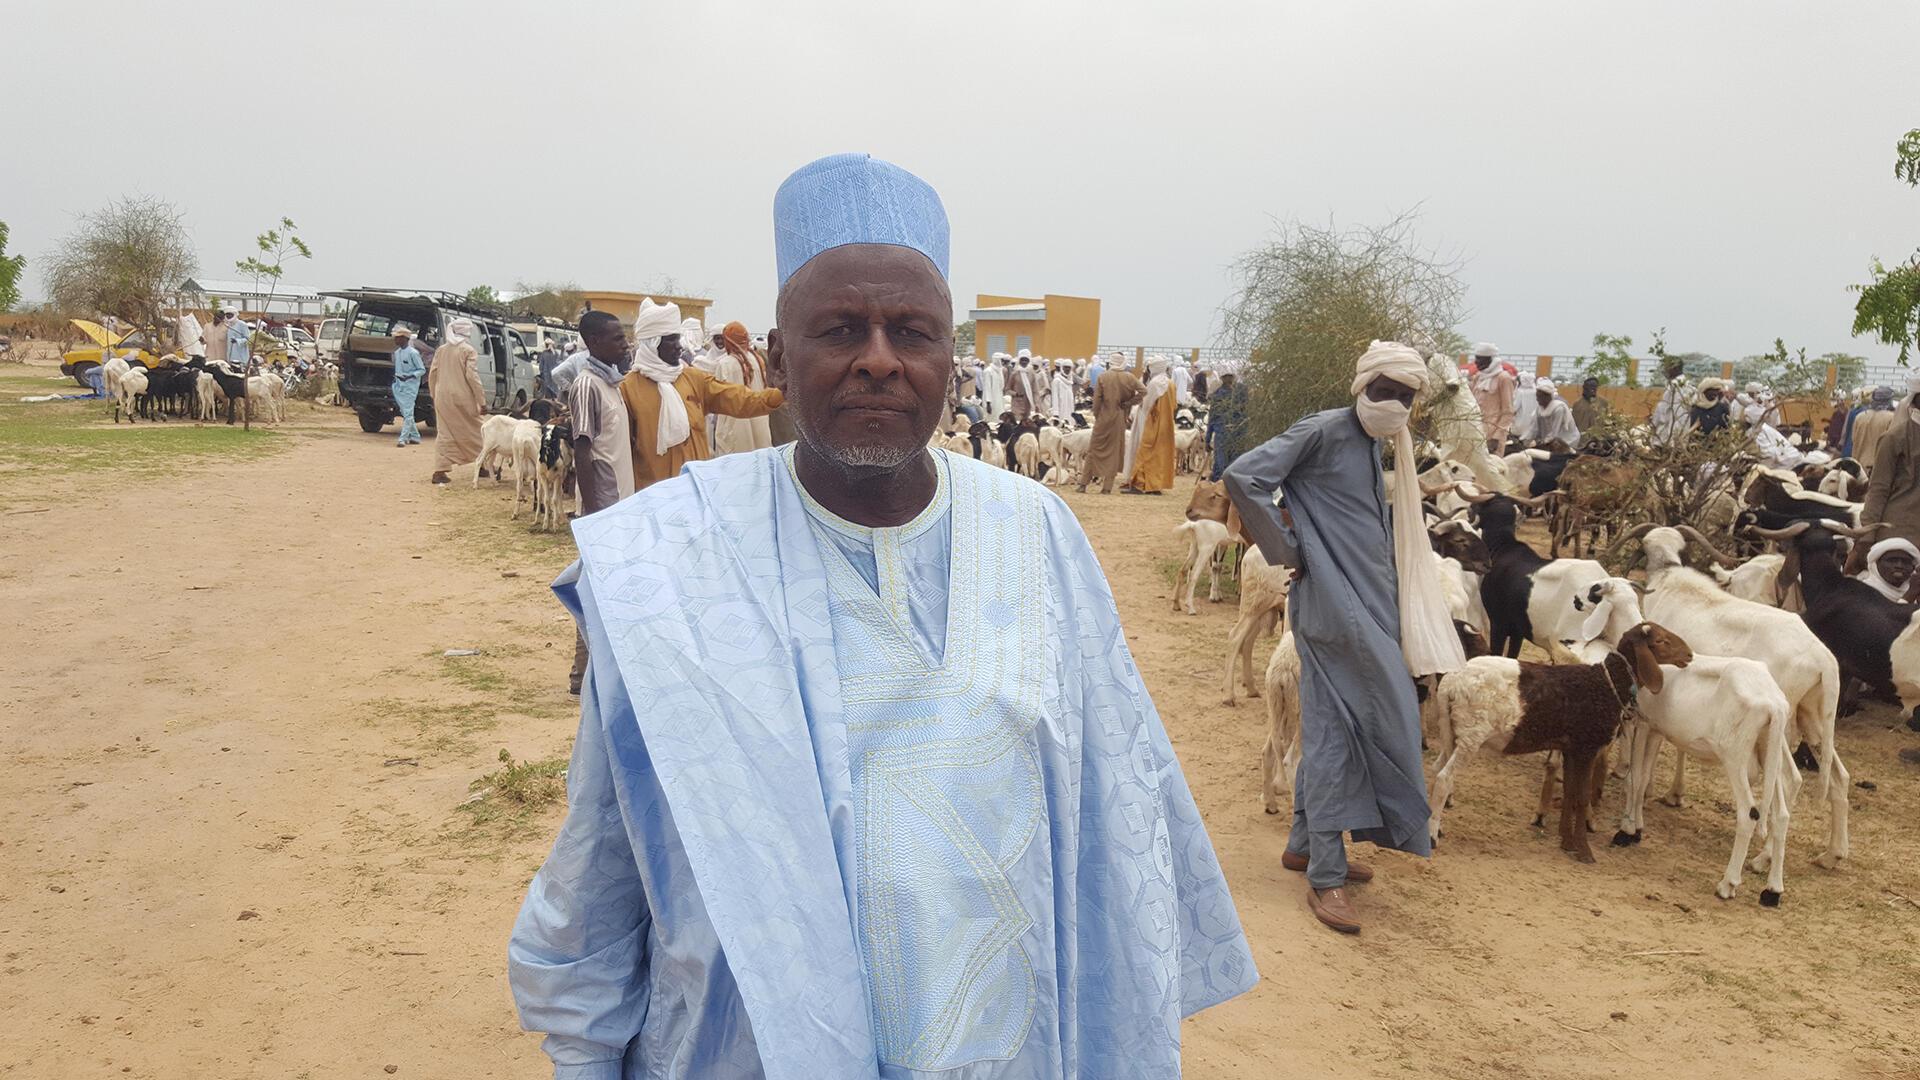 Tchad - Al Hadj Taher Adam, marchand de bétail, membre de la Coges - Le coq chante 1er août 2021